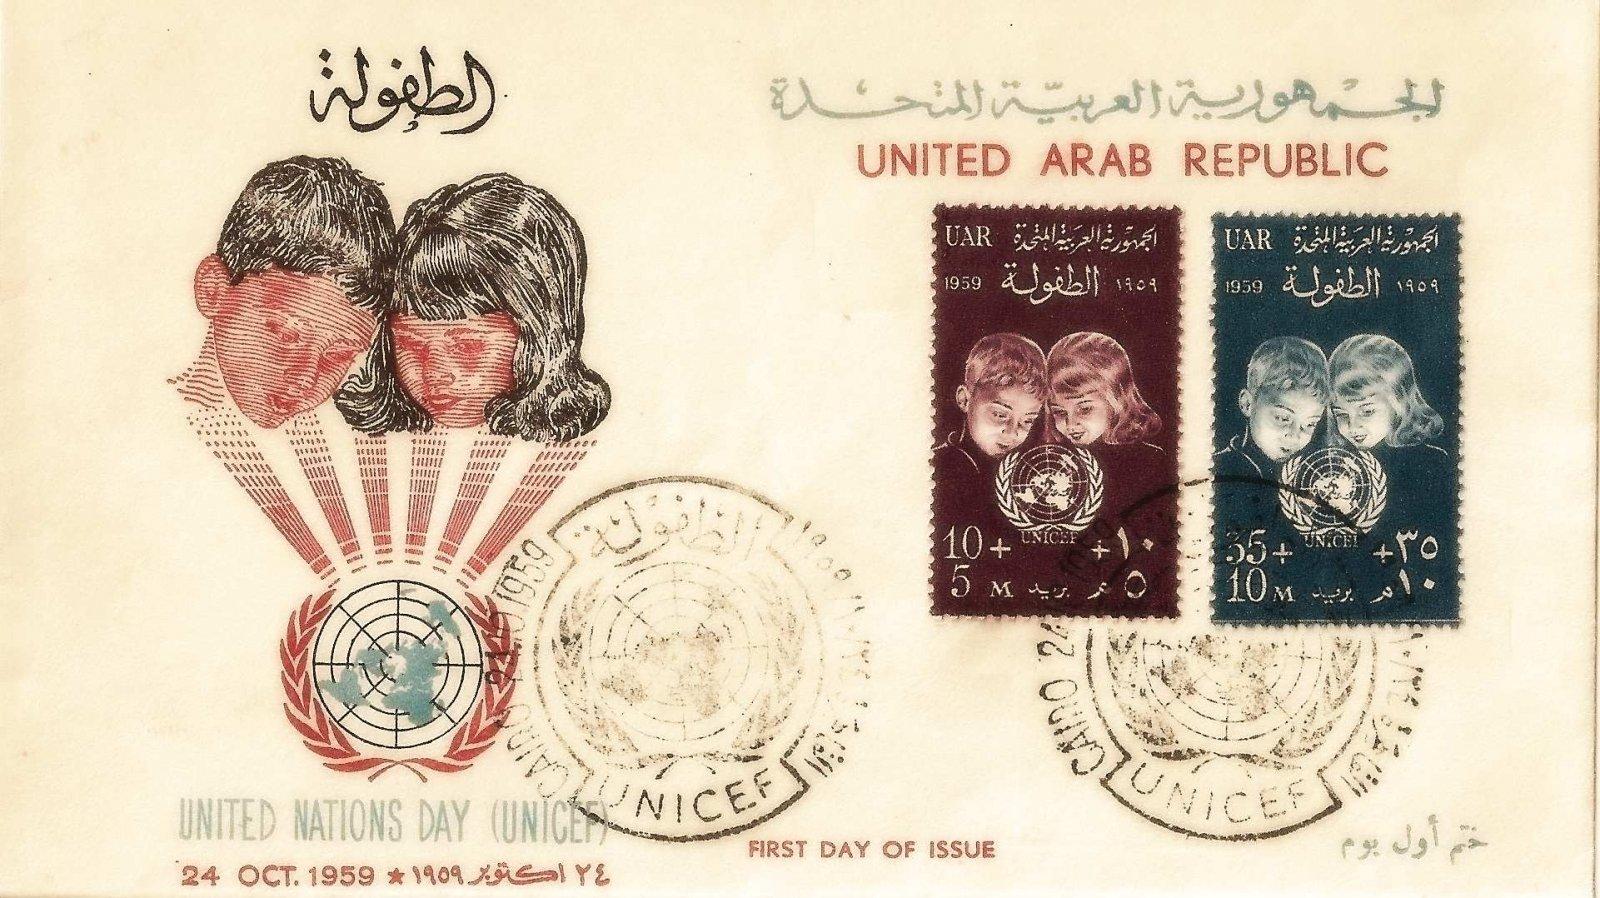 1959 UNICEF ARABIE